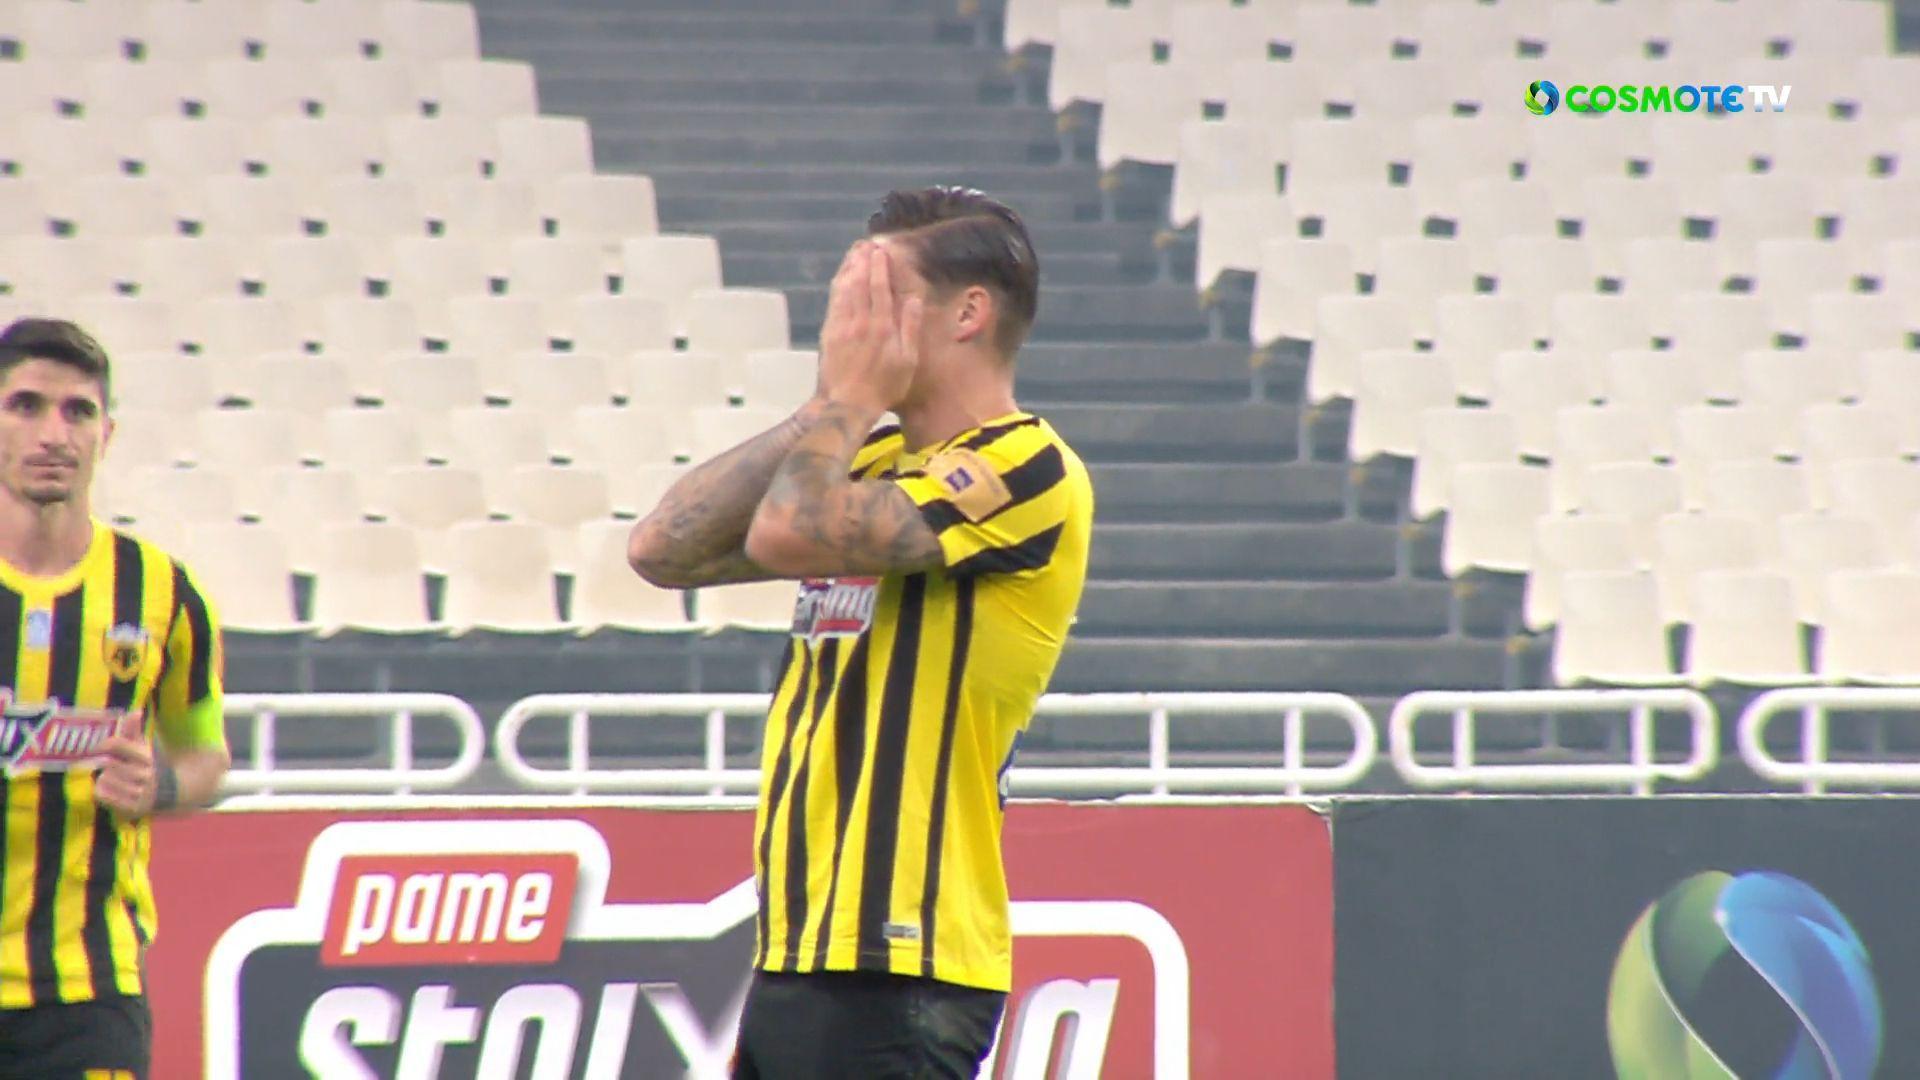 ΑΕΚ – Ιωνικός 3-0: Γκολ και highlights (video)